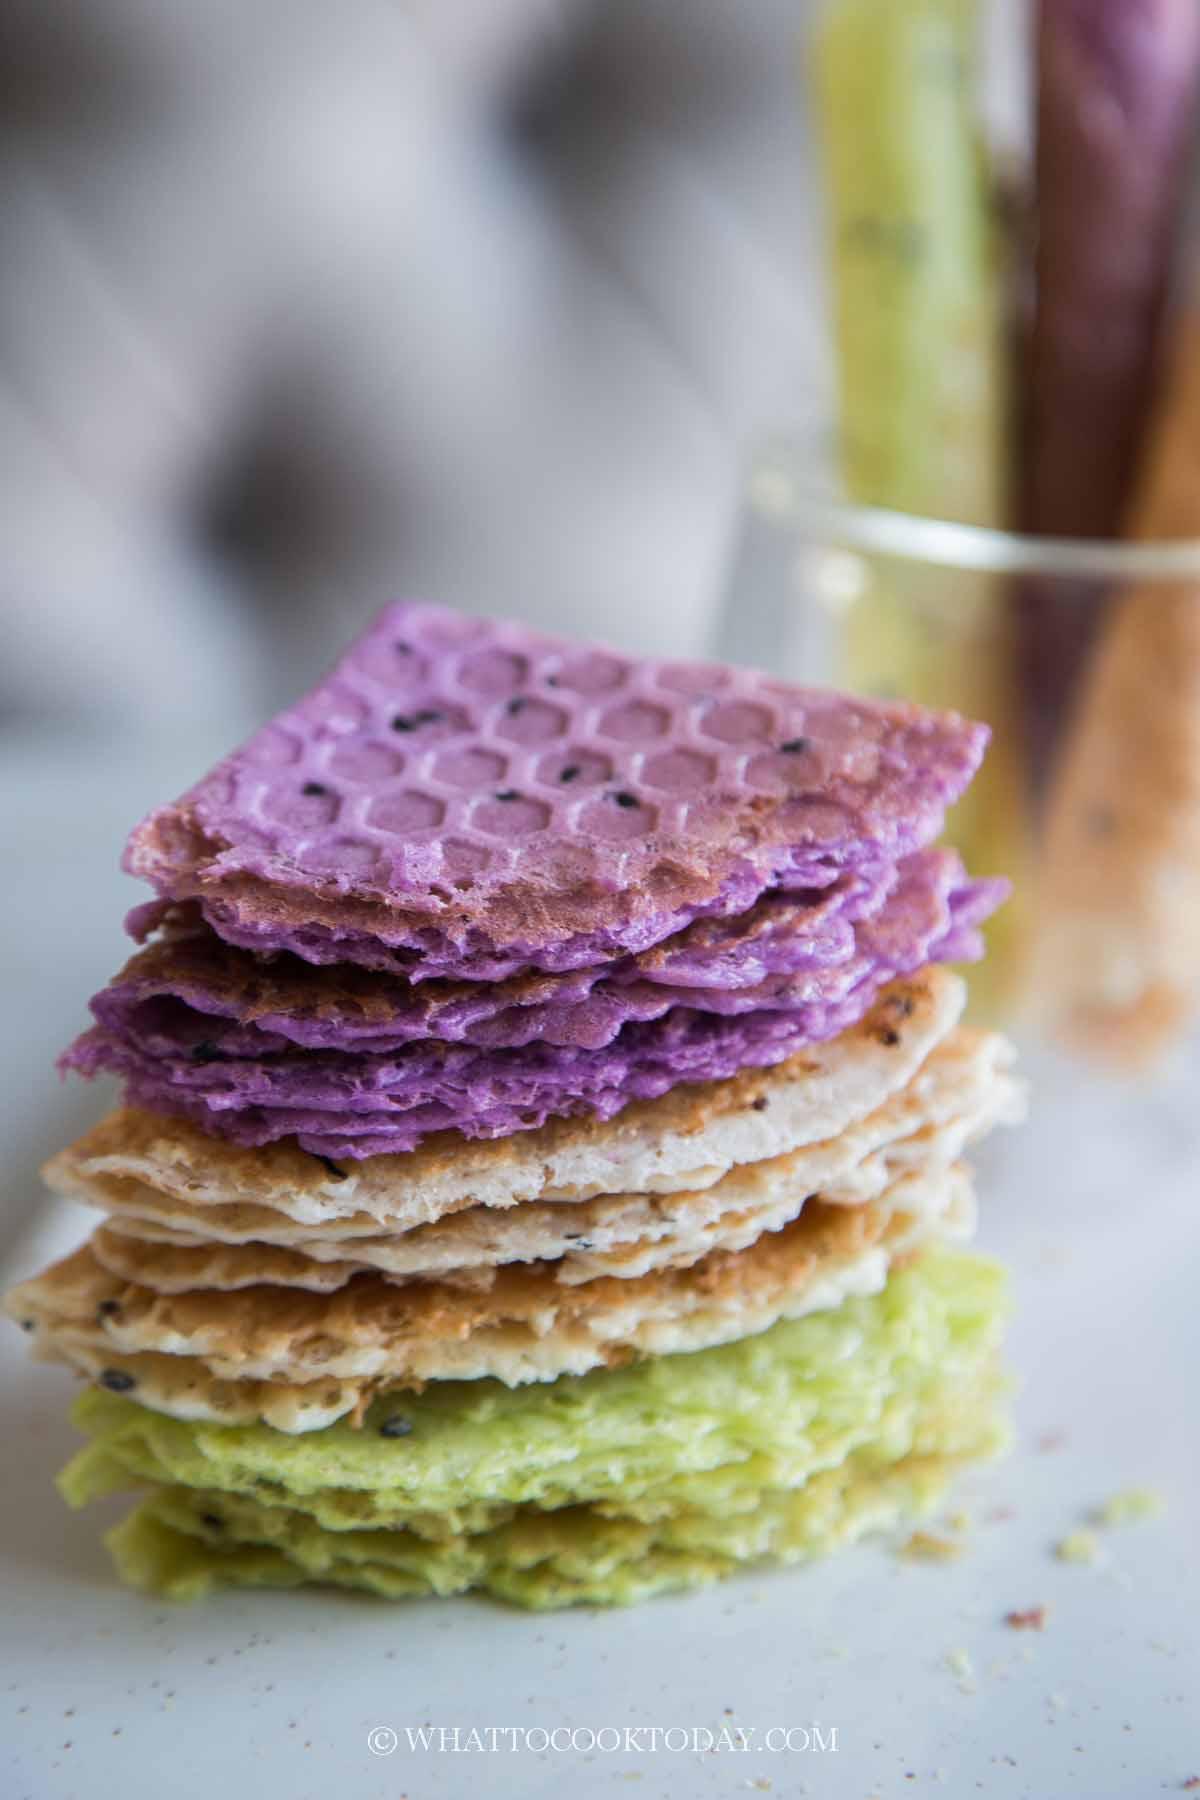 Kuih Kapit/Kue Semprong (Love Letter Biscuit/Crispy Coconut Rolls)